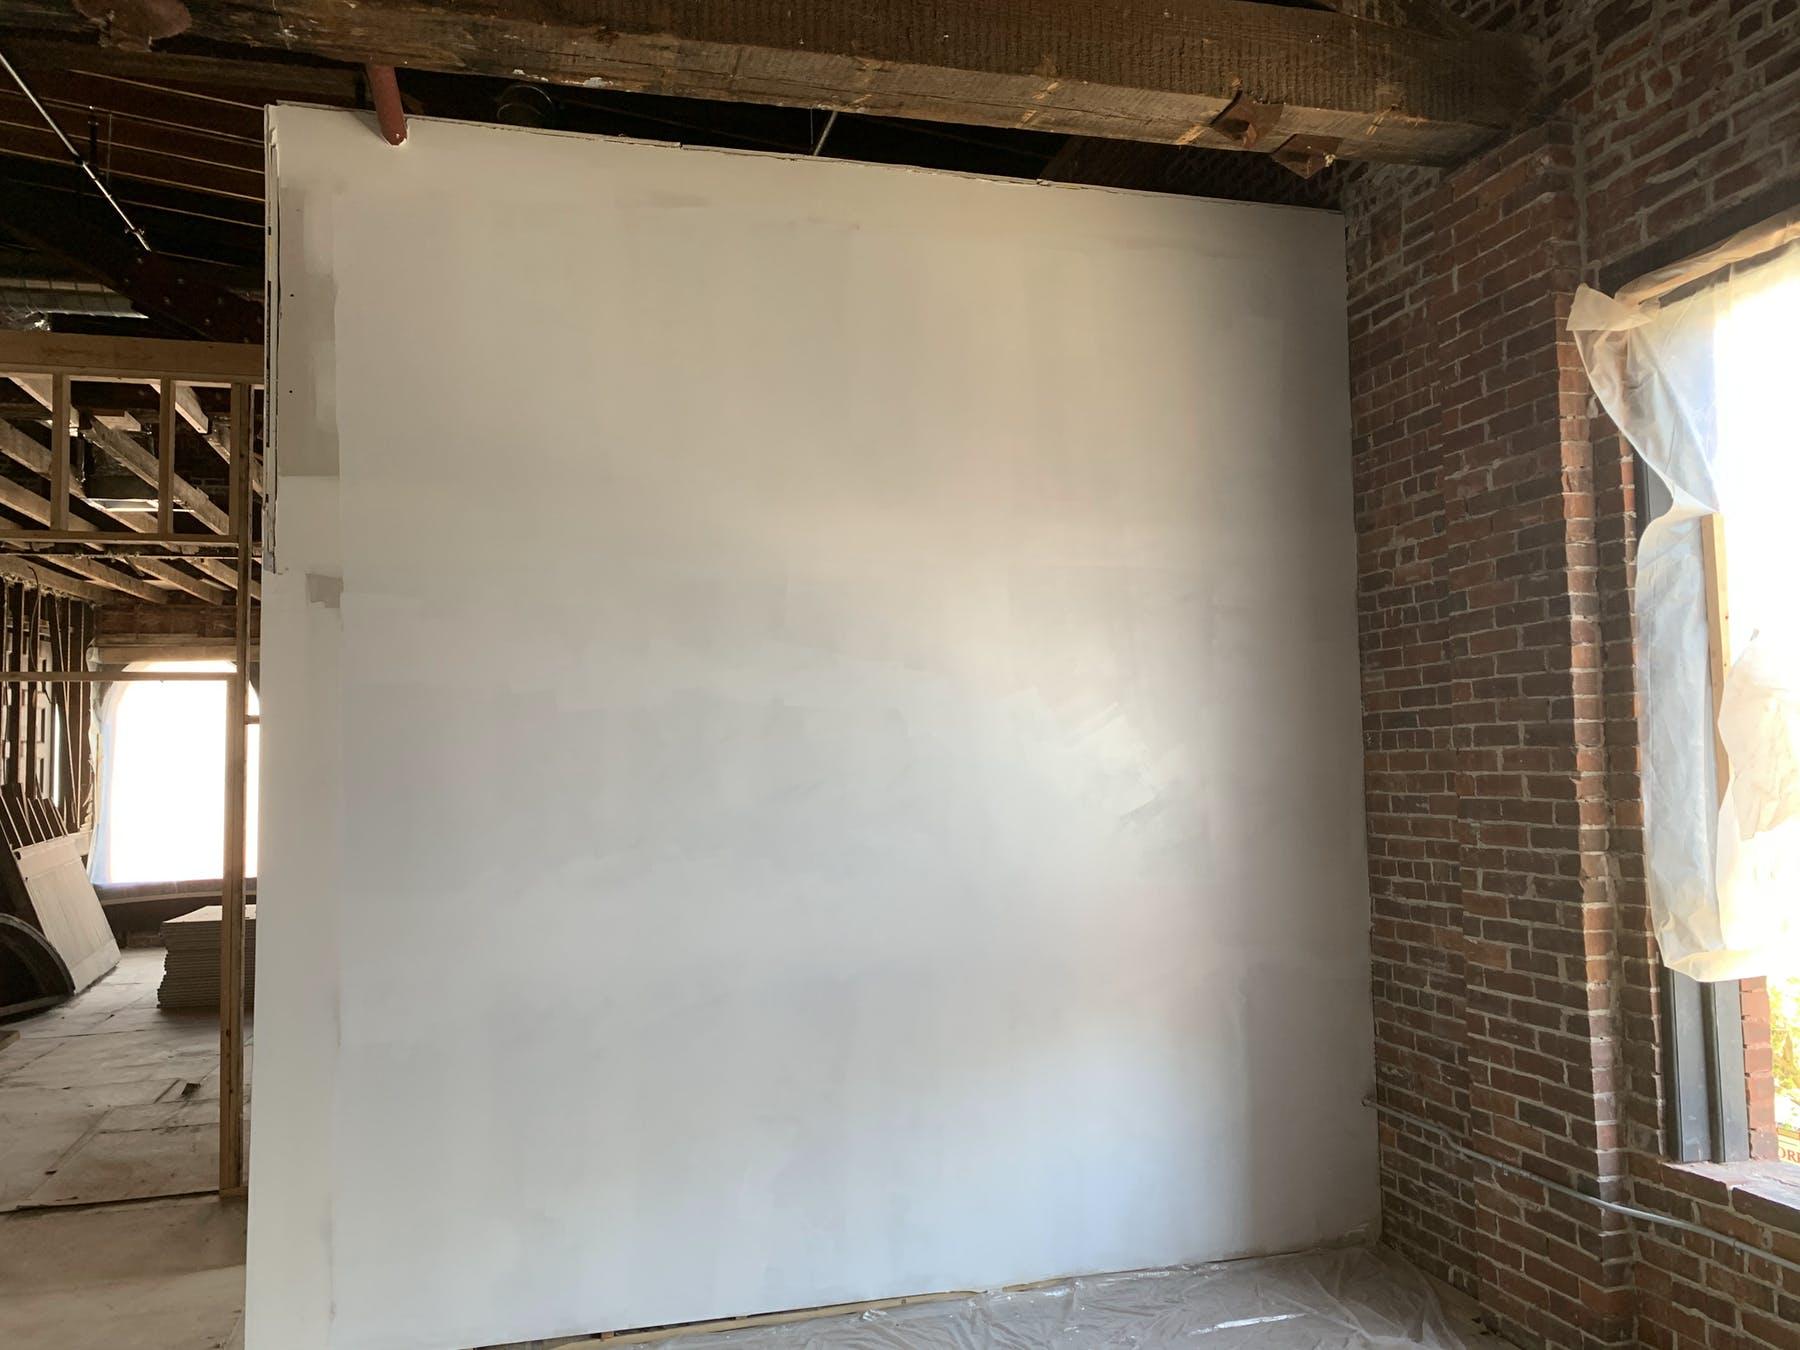 a door to a building